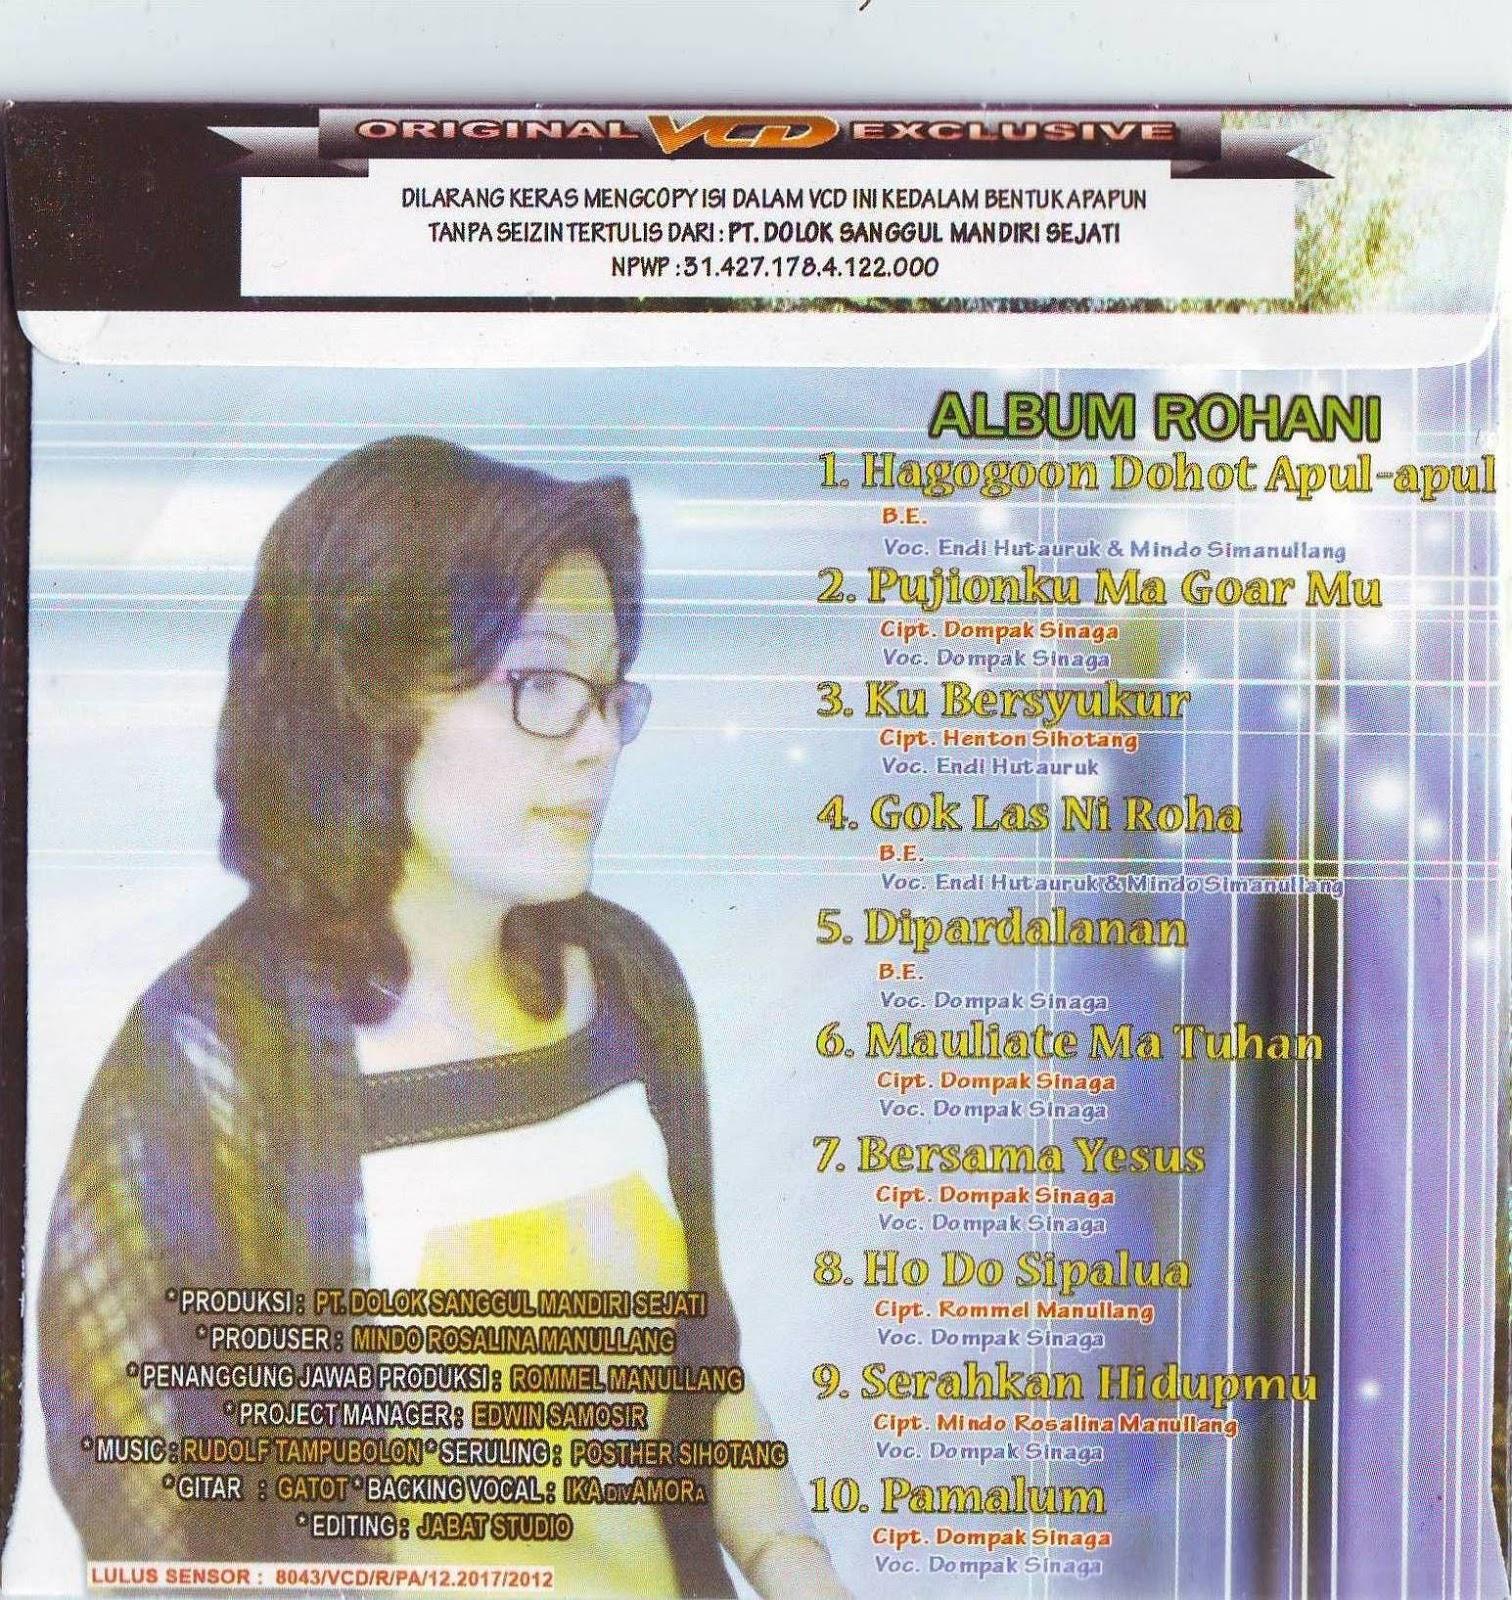 Chord Gitar Lagu Rohani Dia Raja: Dompak Sinaga: 02/03/13